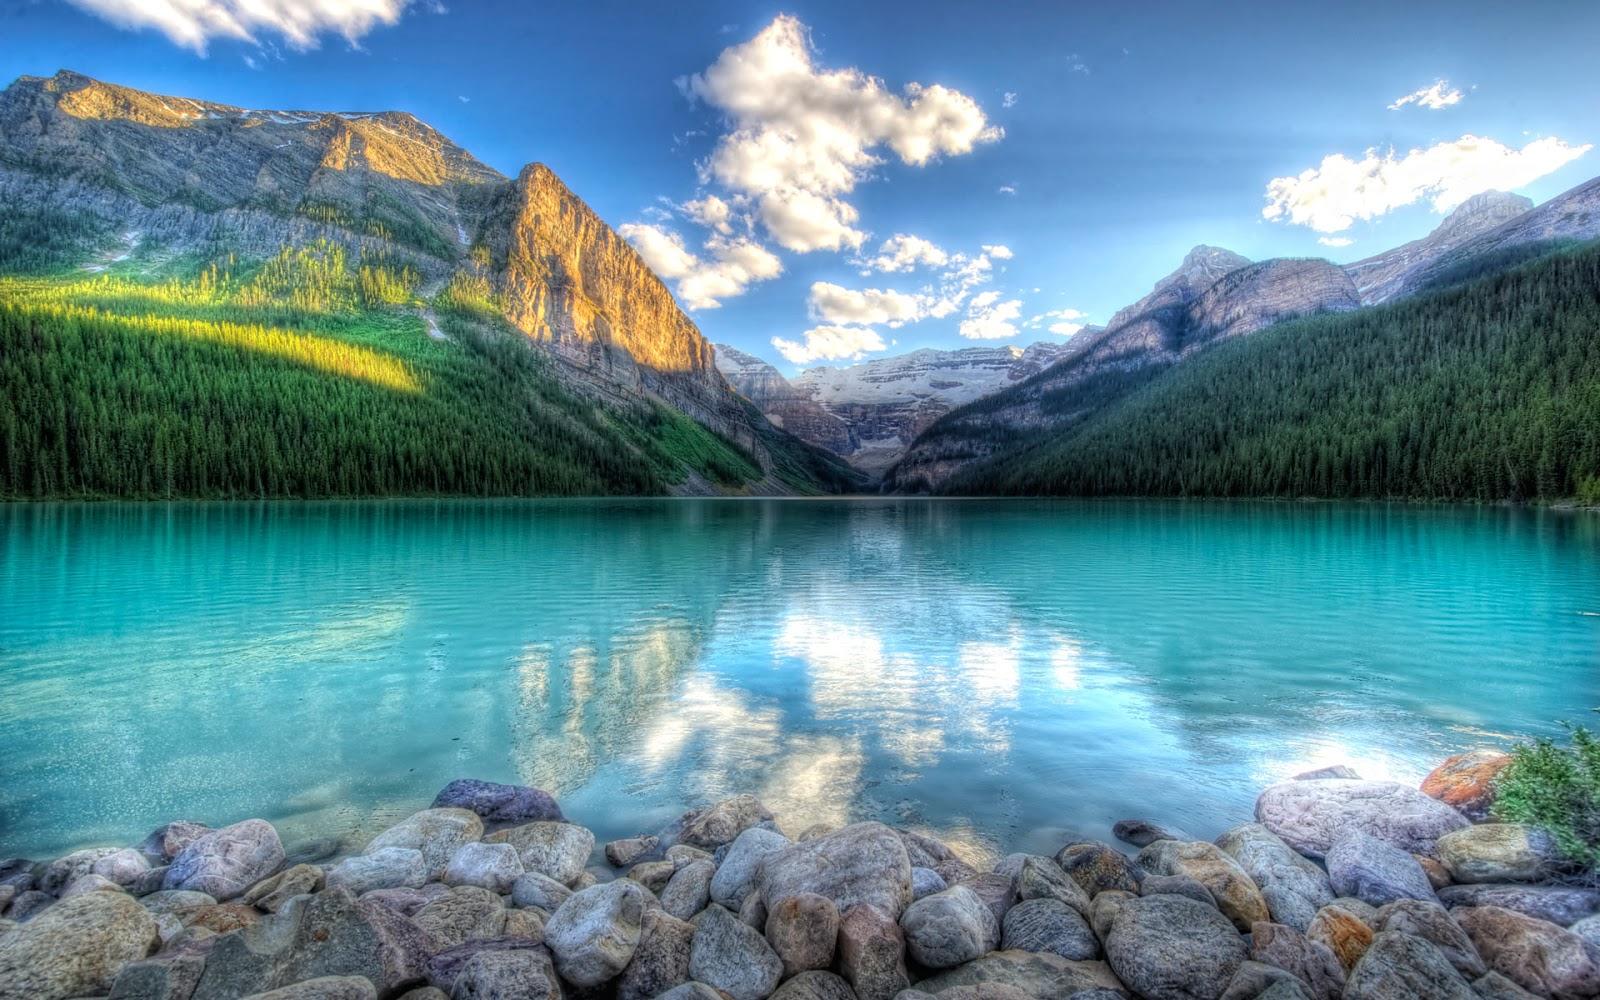 بالصور خلفيات طبيعة , اجمل الخلفيات الطبيعية 2653 3